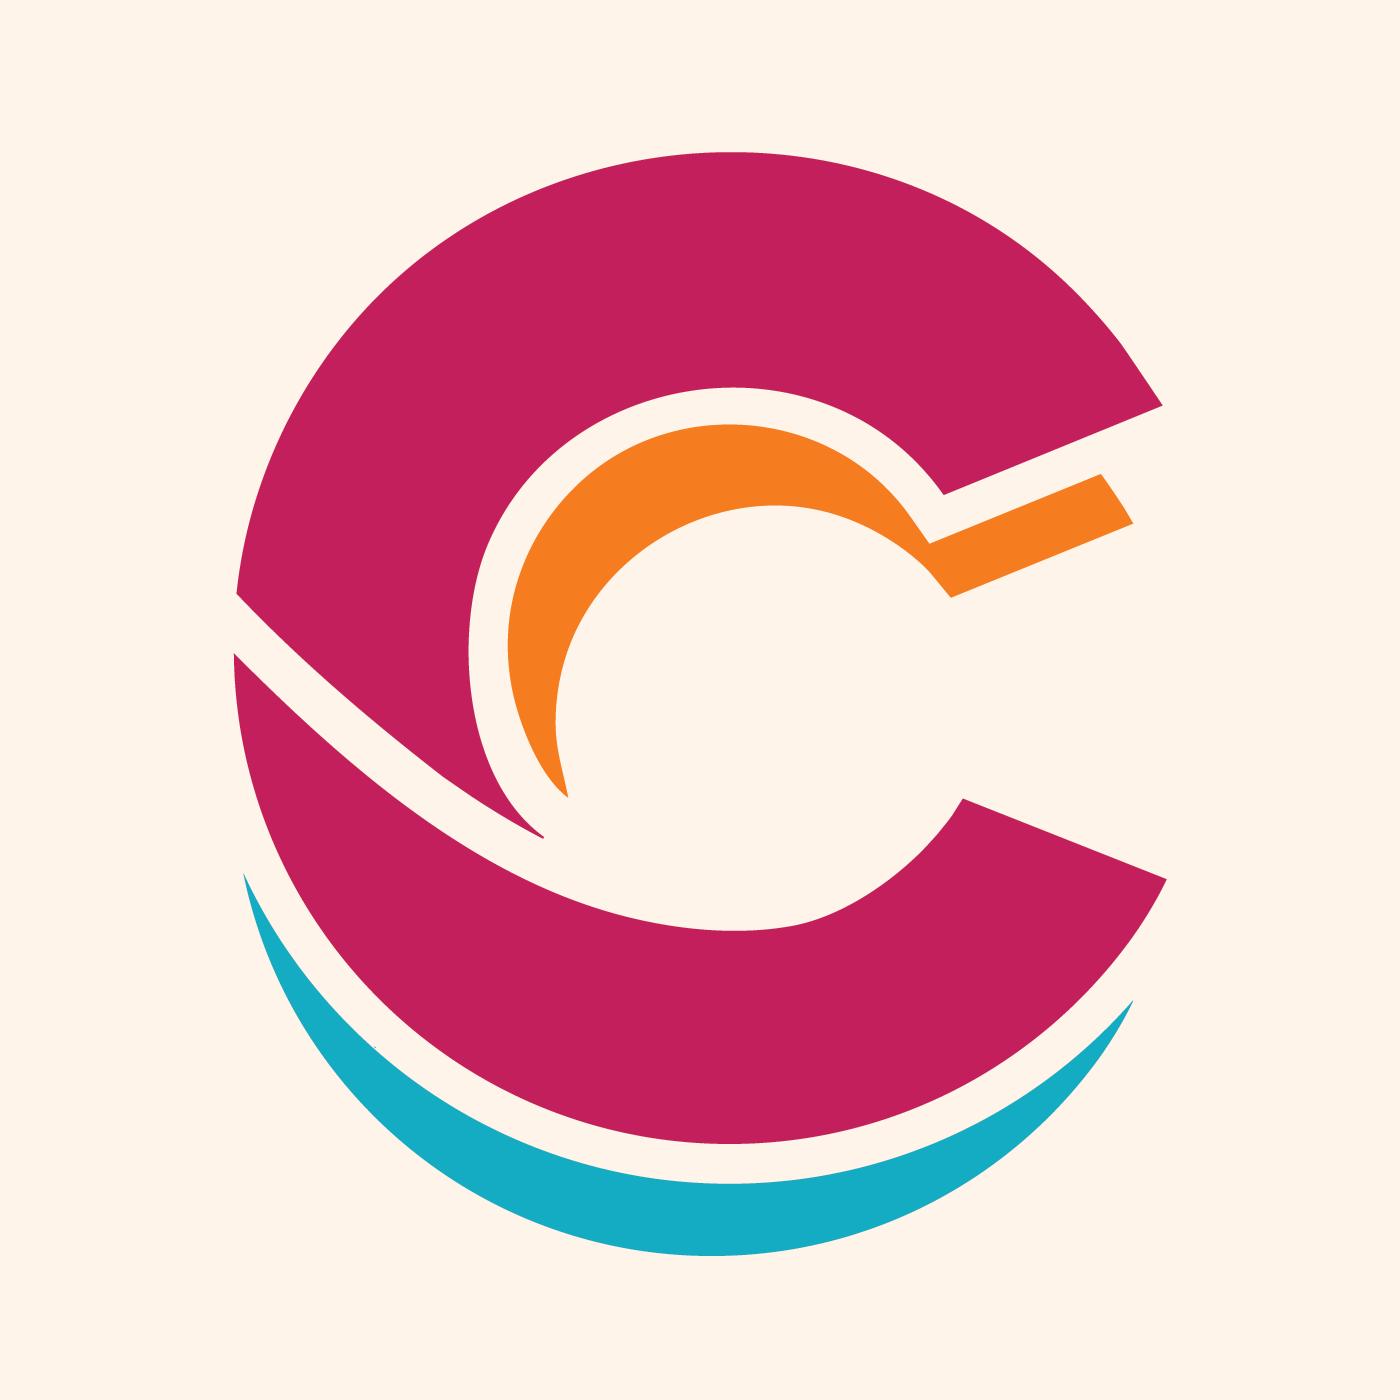 Letra C estilo vintage - Descargar Vectores Gratis, Illustrator